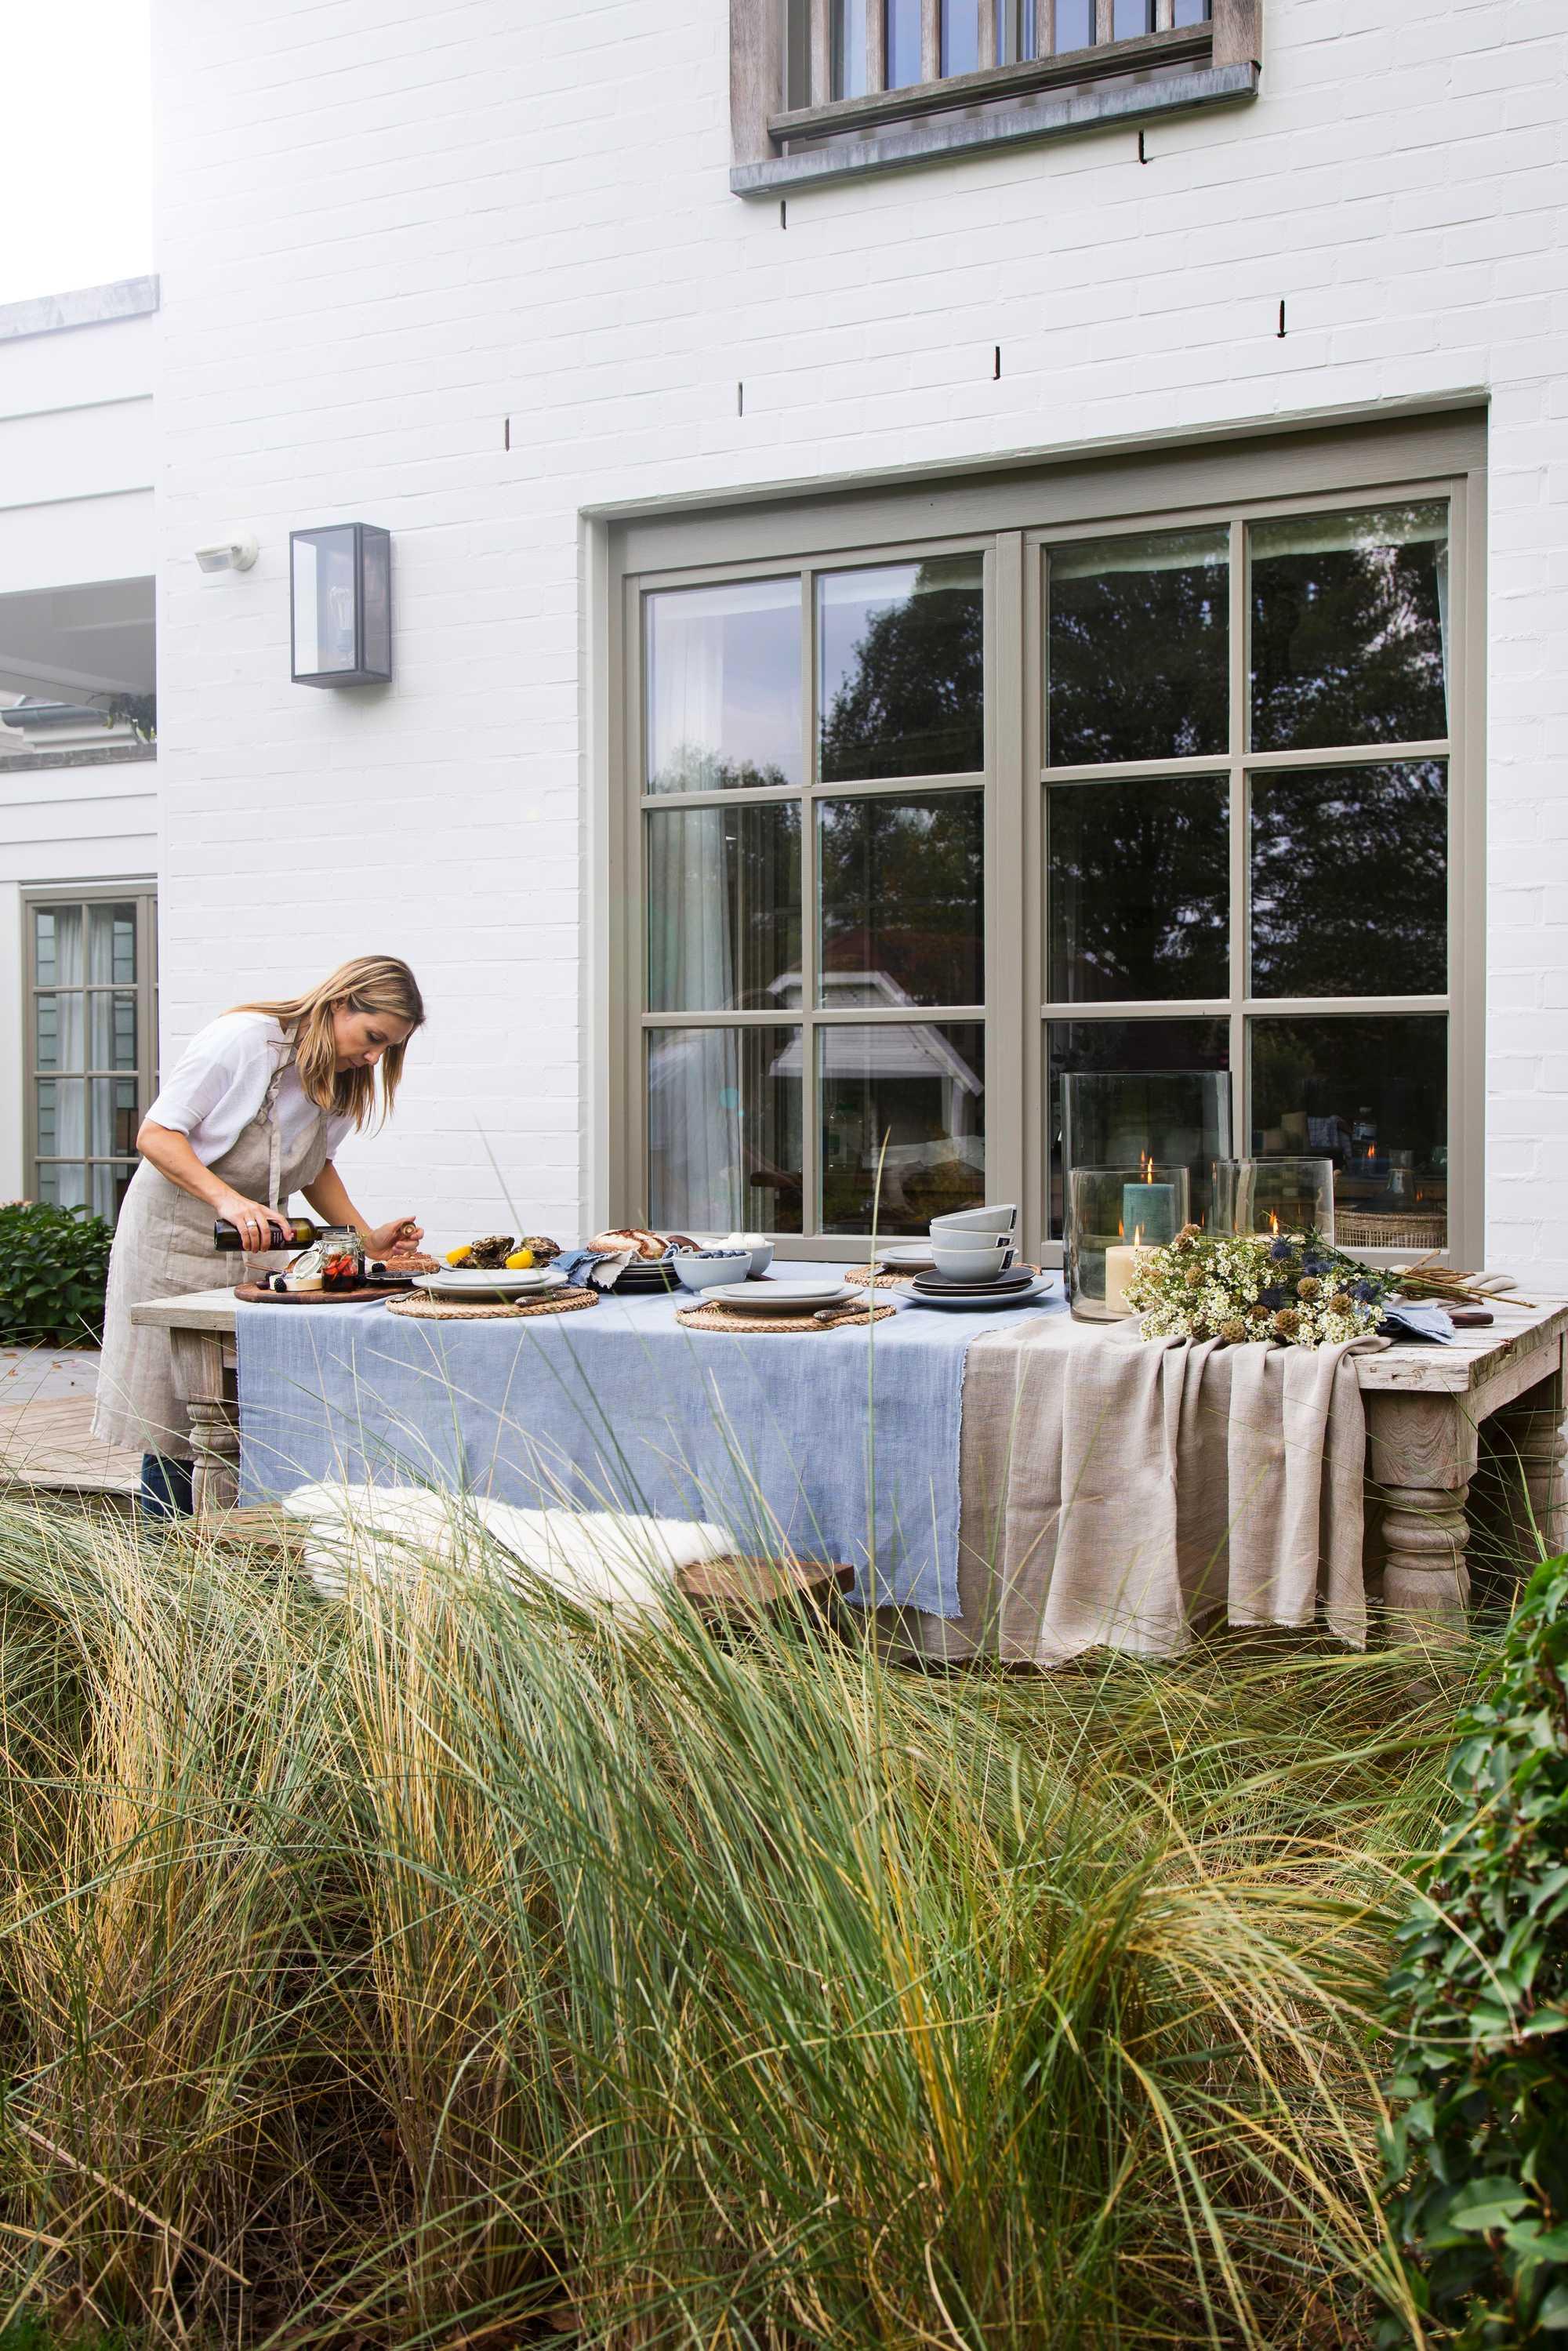 wonen landelijke stijl by j-line gedekte tafel marie masureel